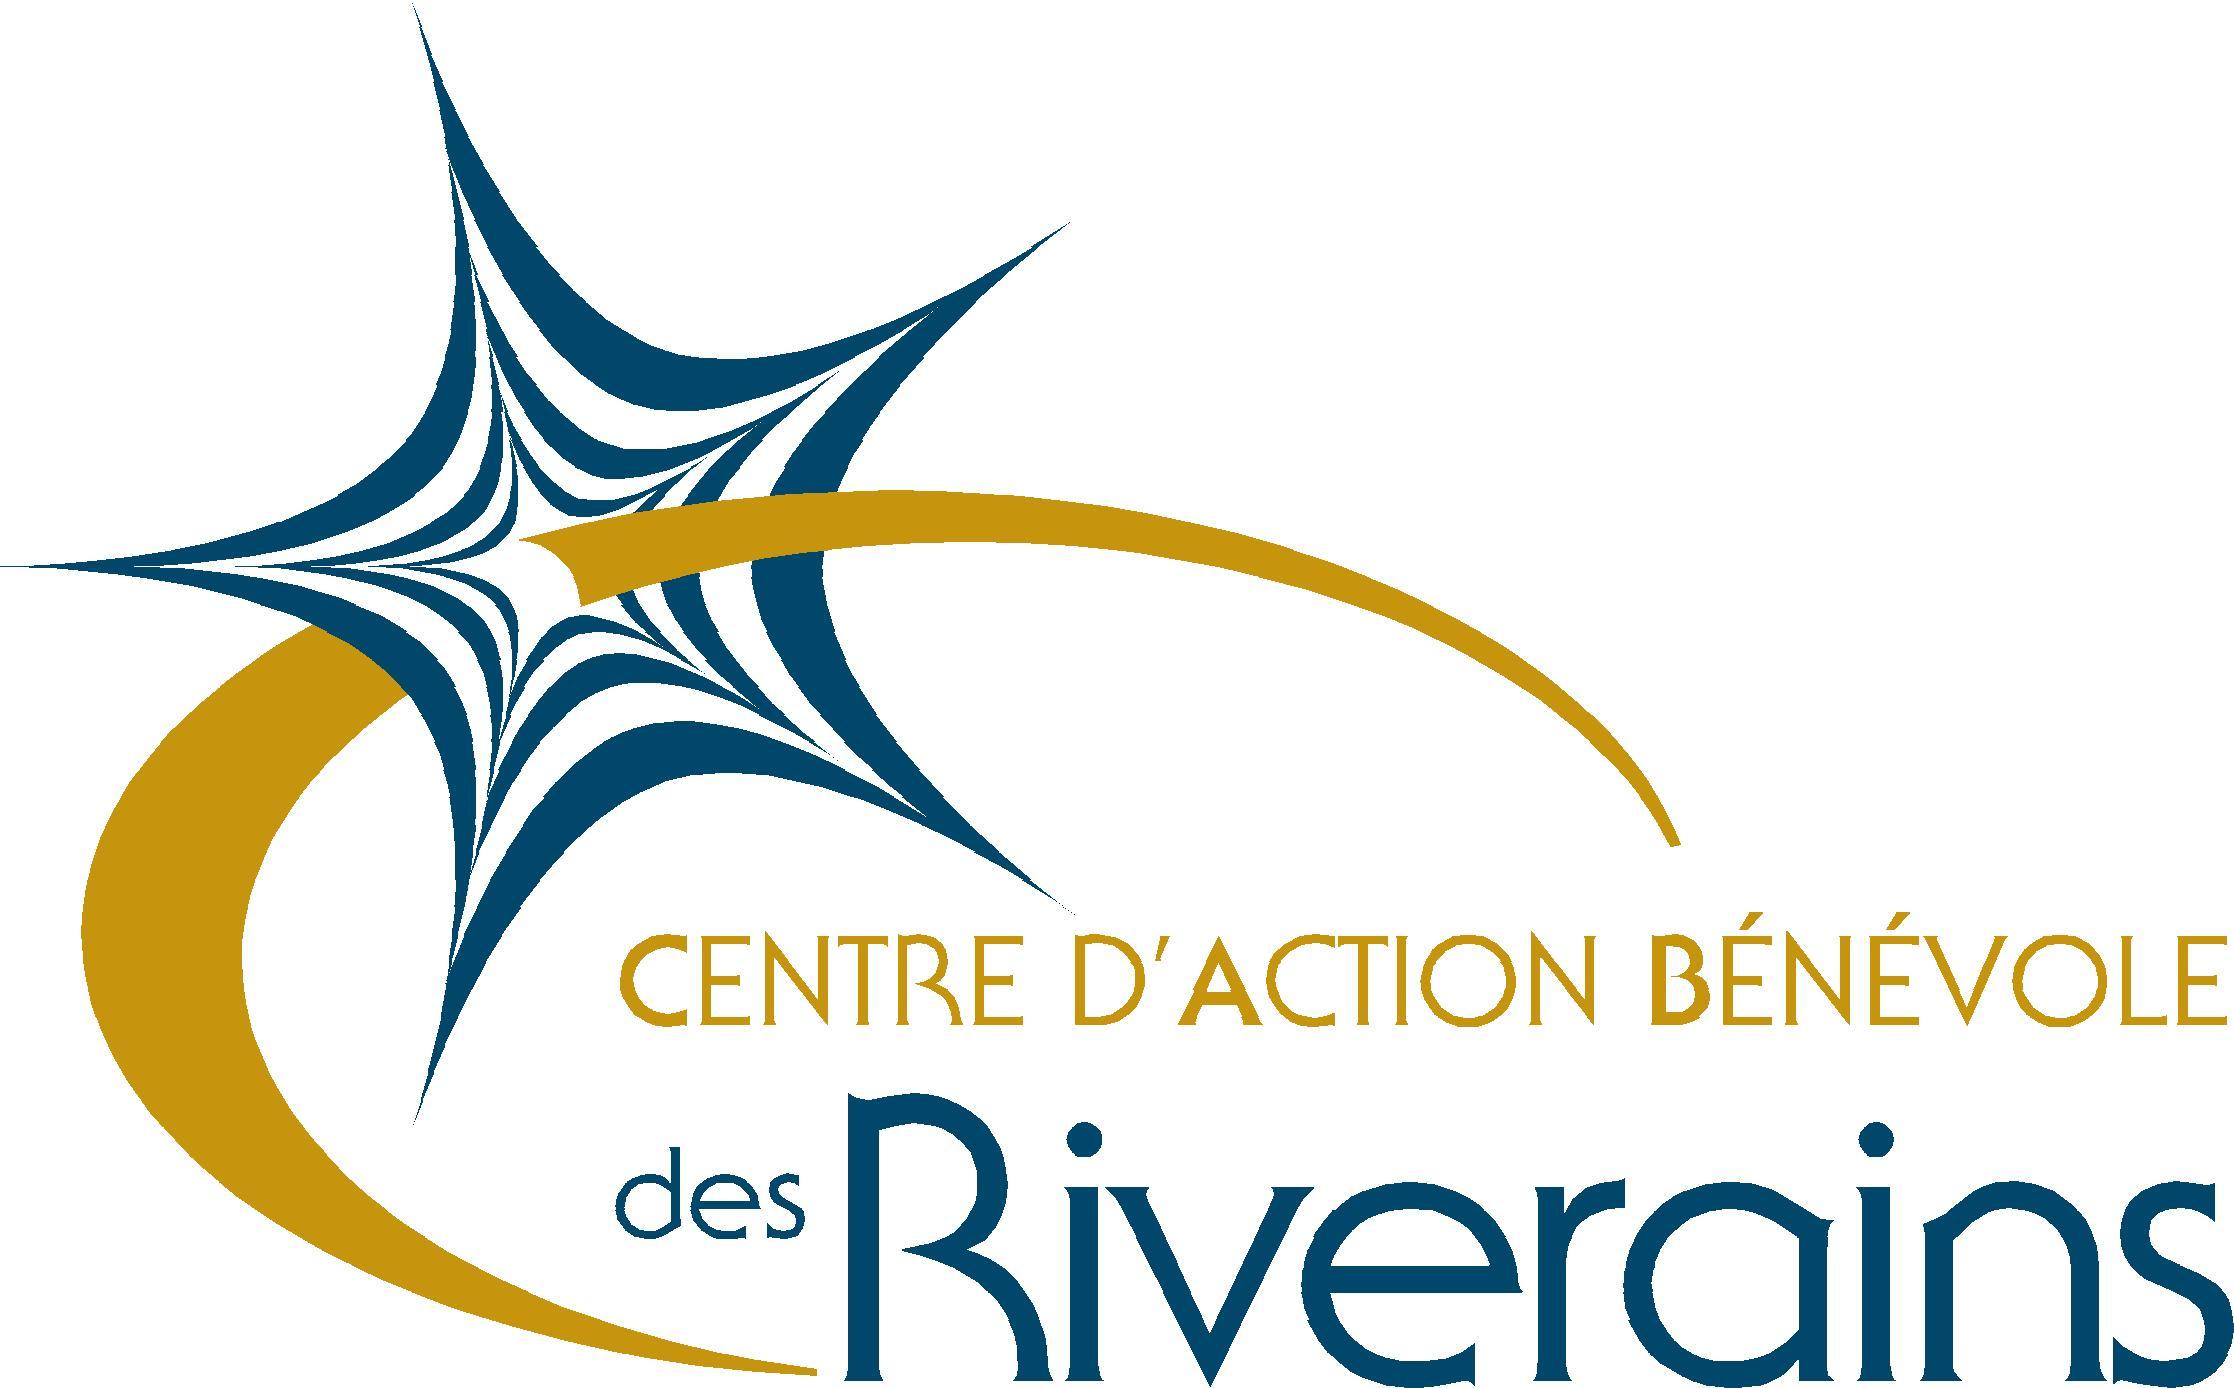 Centre d'action bénévole des Riverains